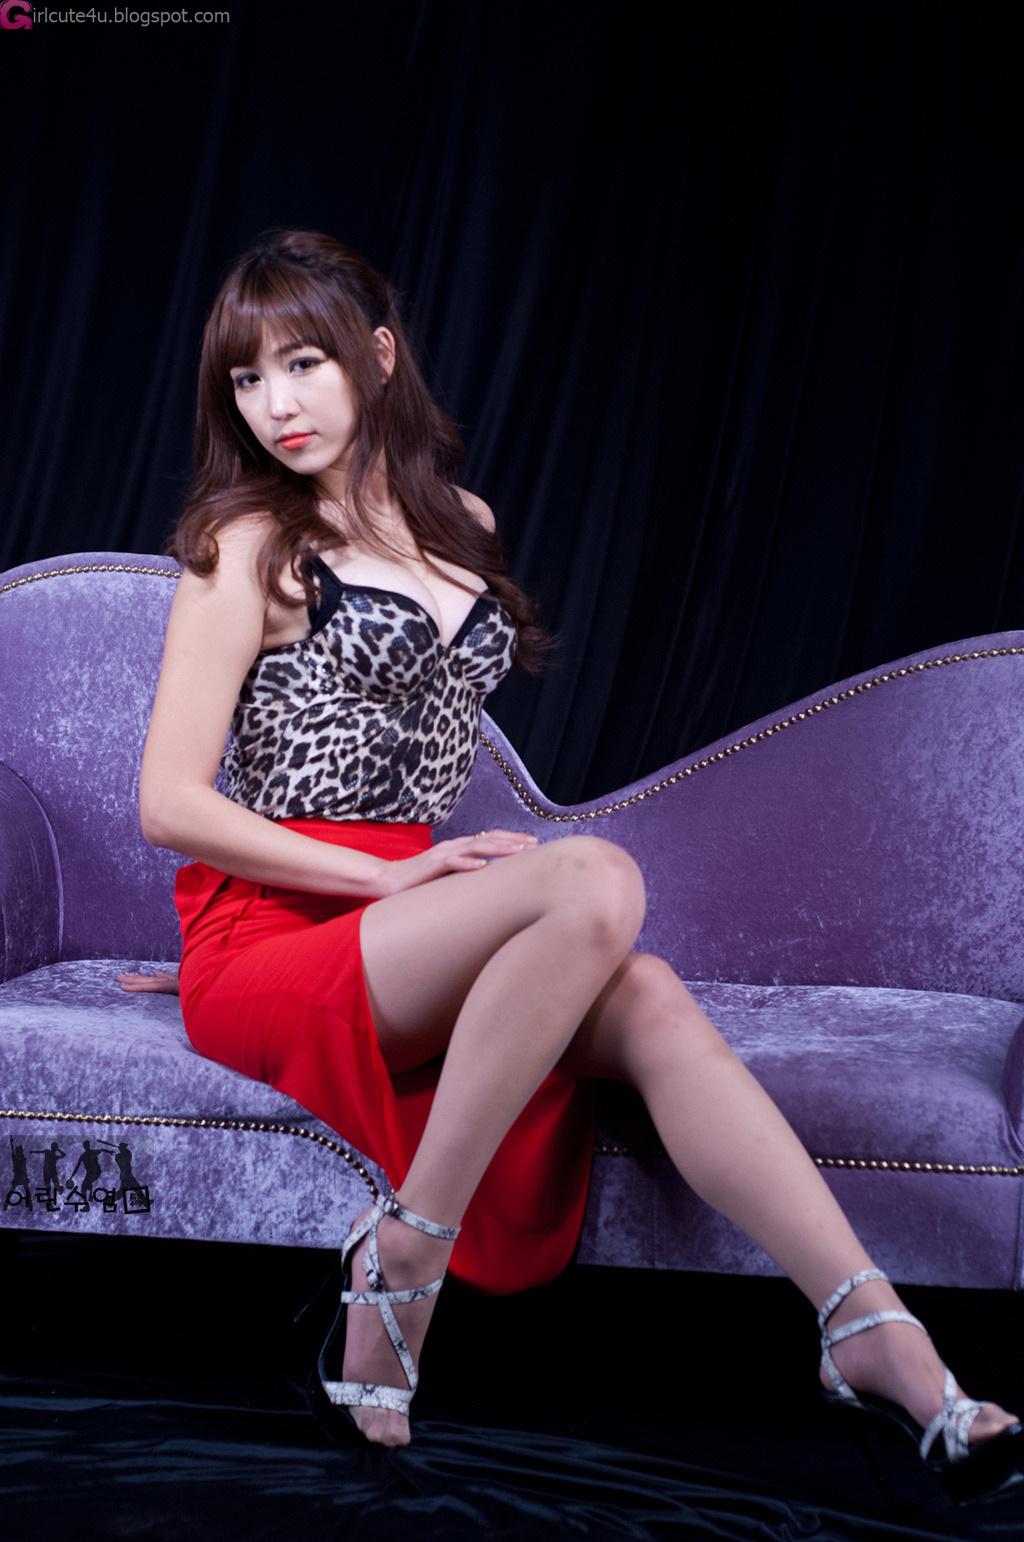 Xxx Nude Girls: Lee Eun Hye